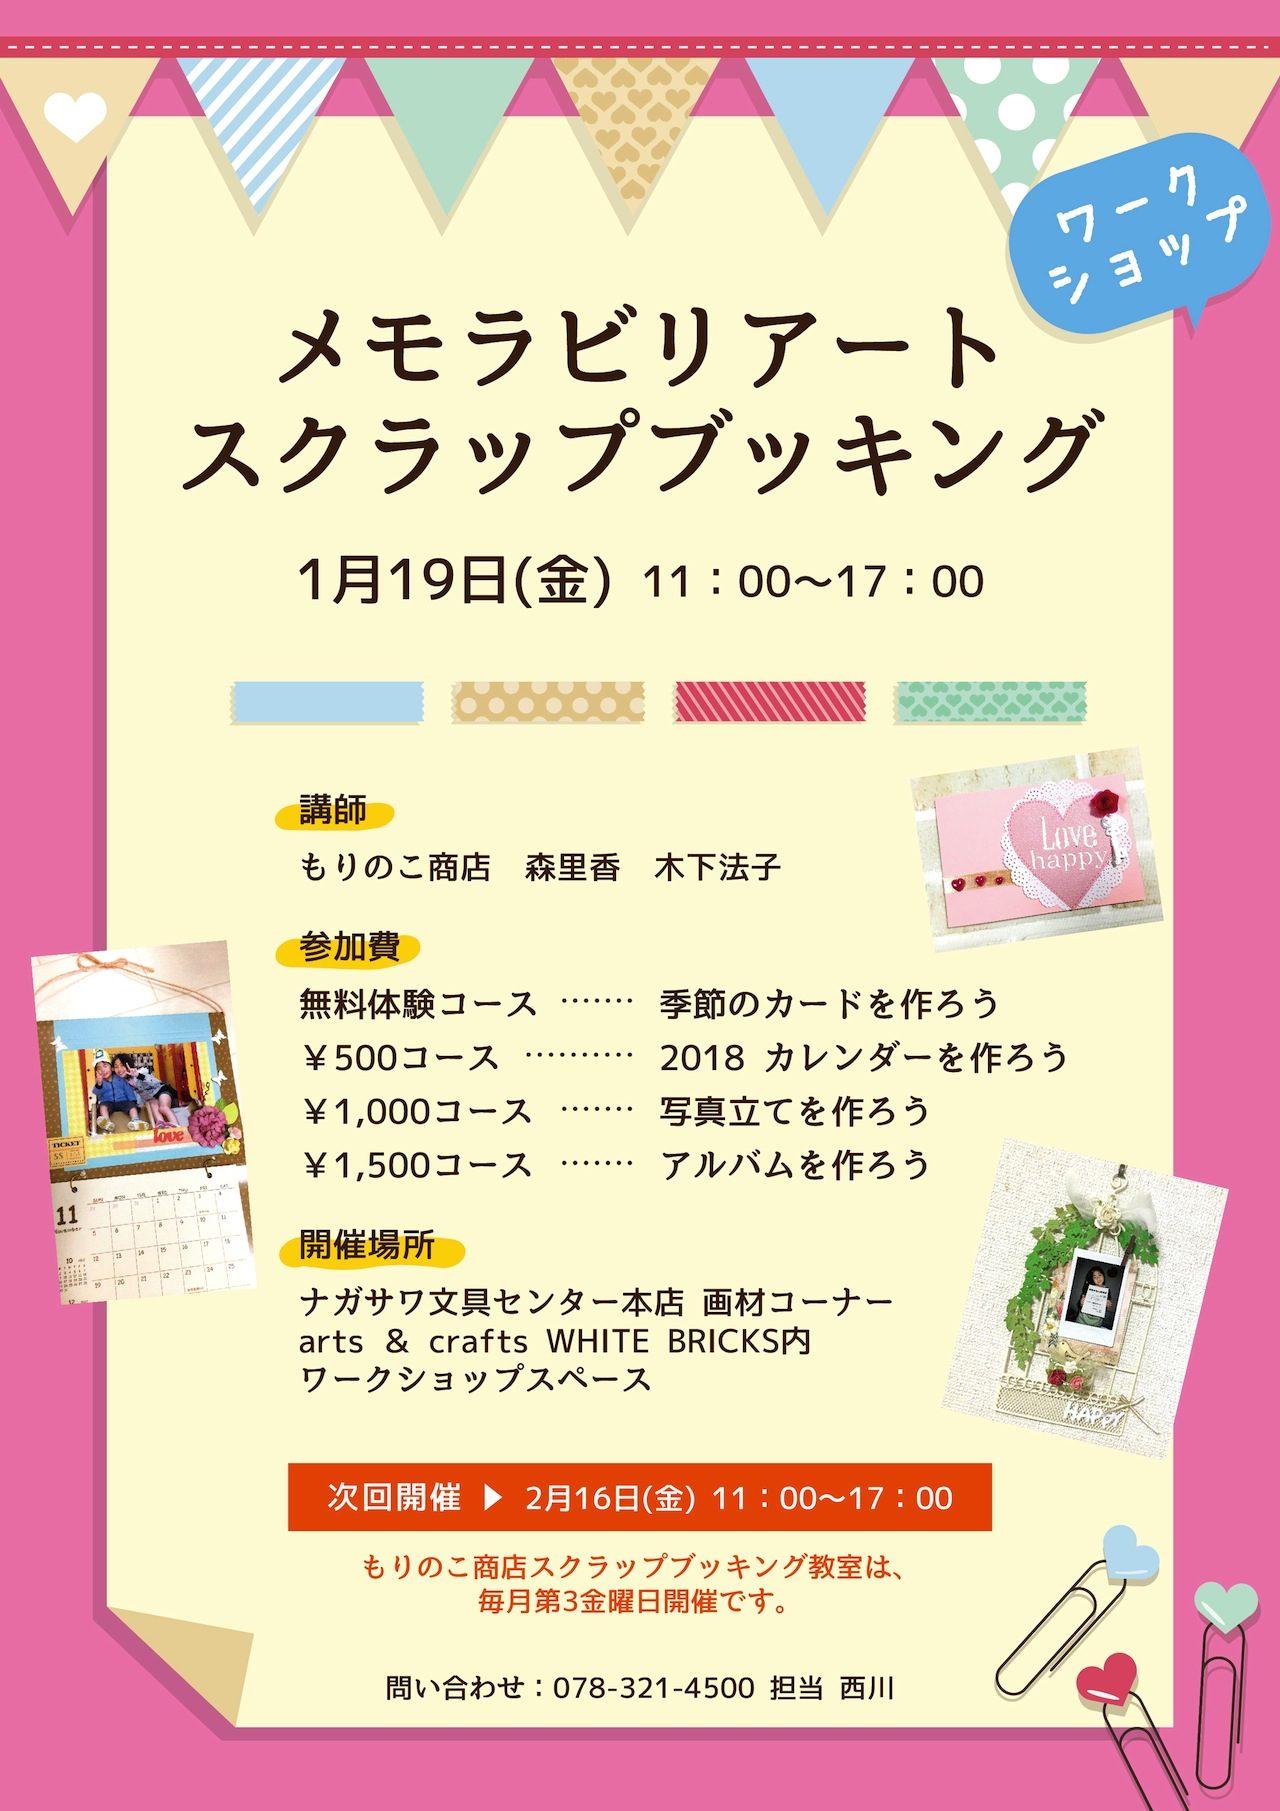 【定期開催】メモラビリアート スクラップブッキング教室 | ワークショップイベント